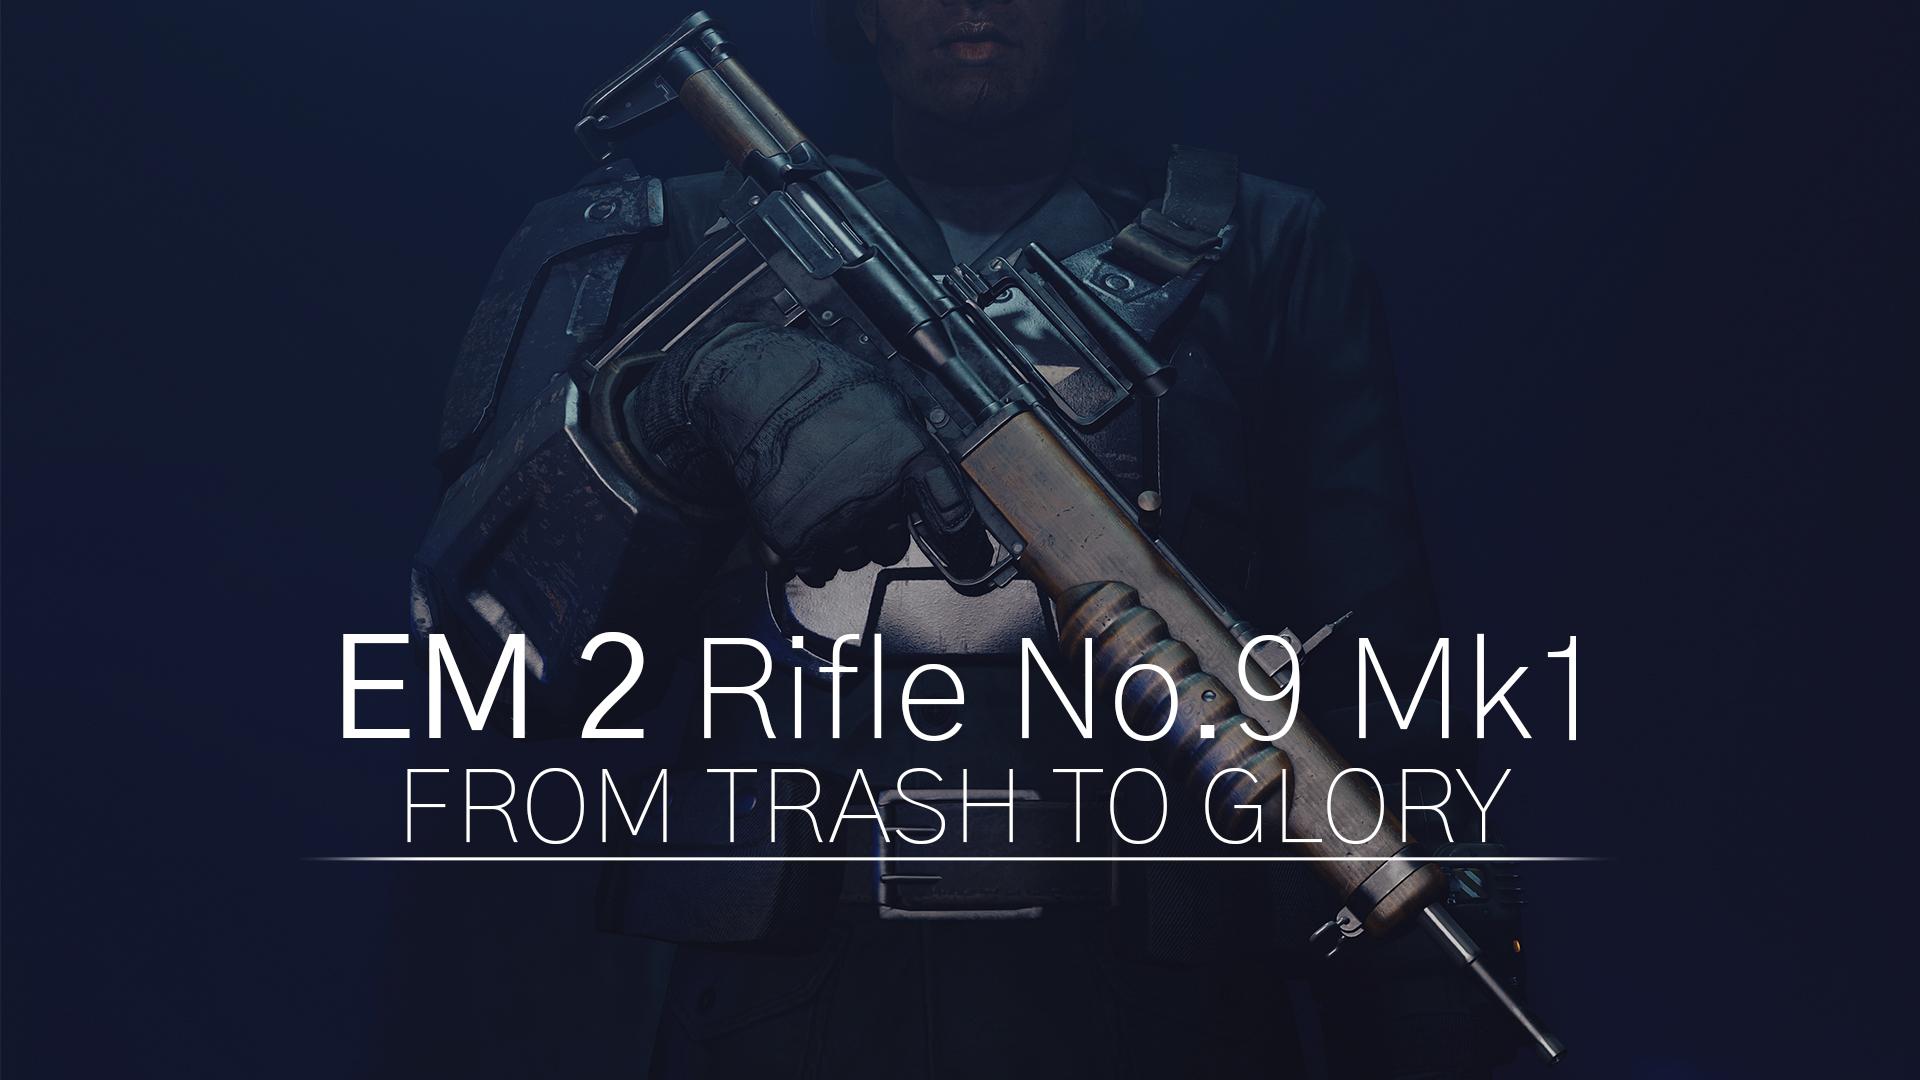 EM 2 Rifle No.9 Mk1